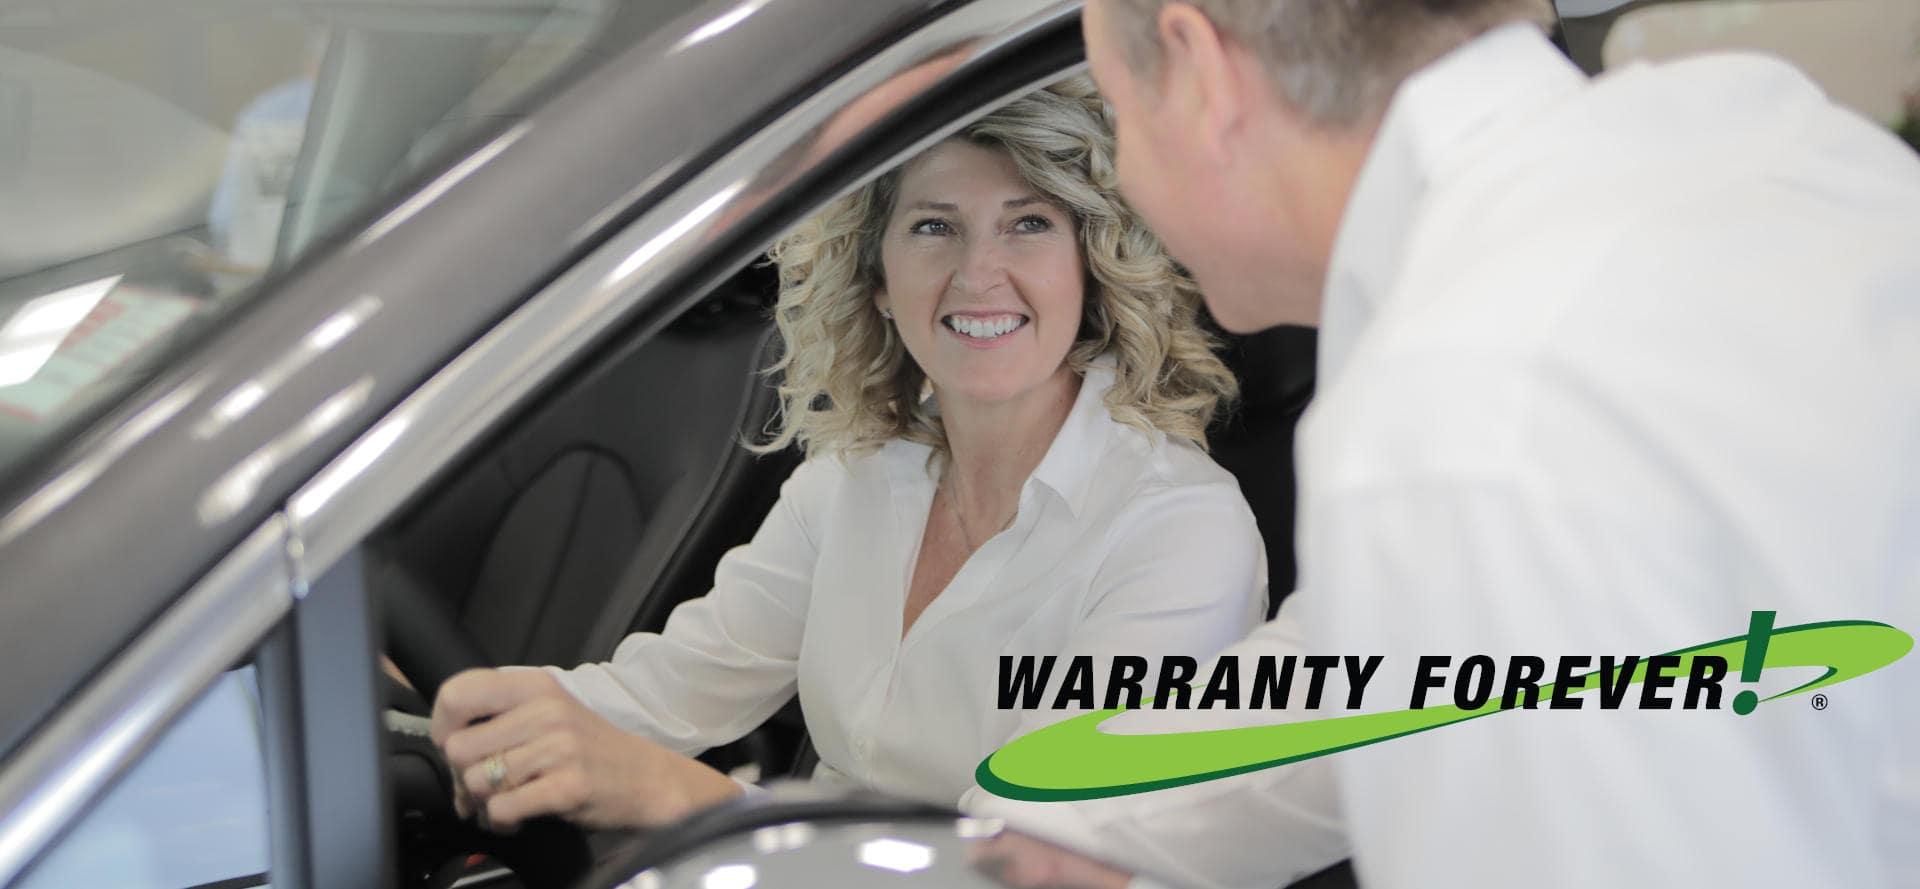 WarrantyForeverFull